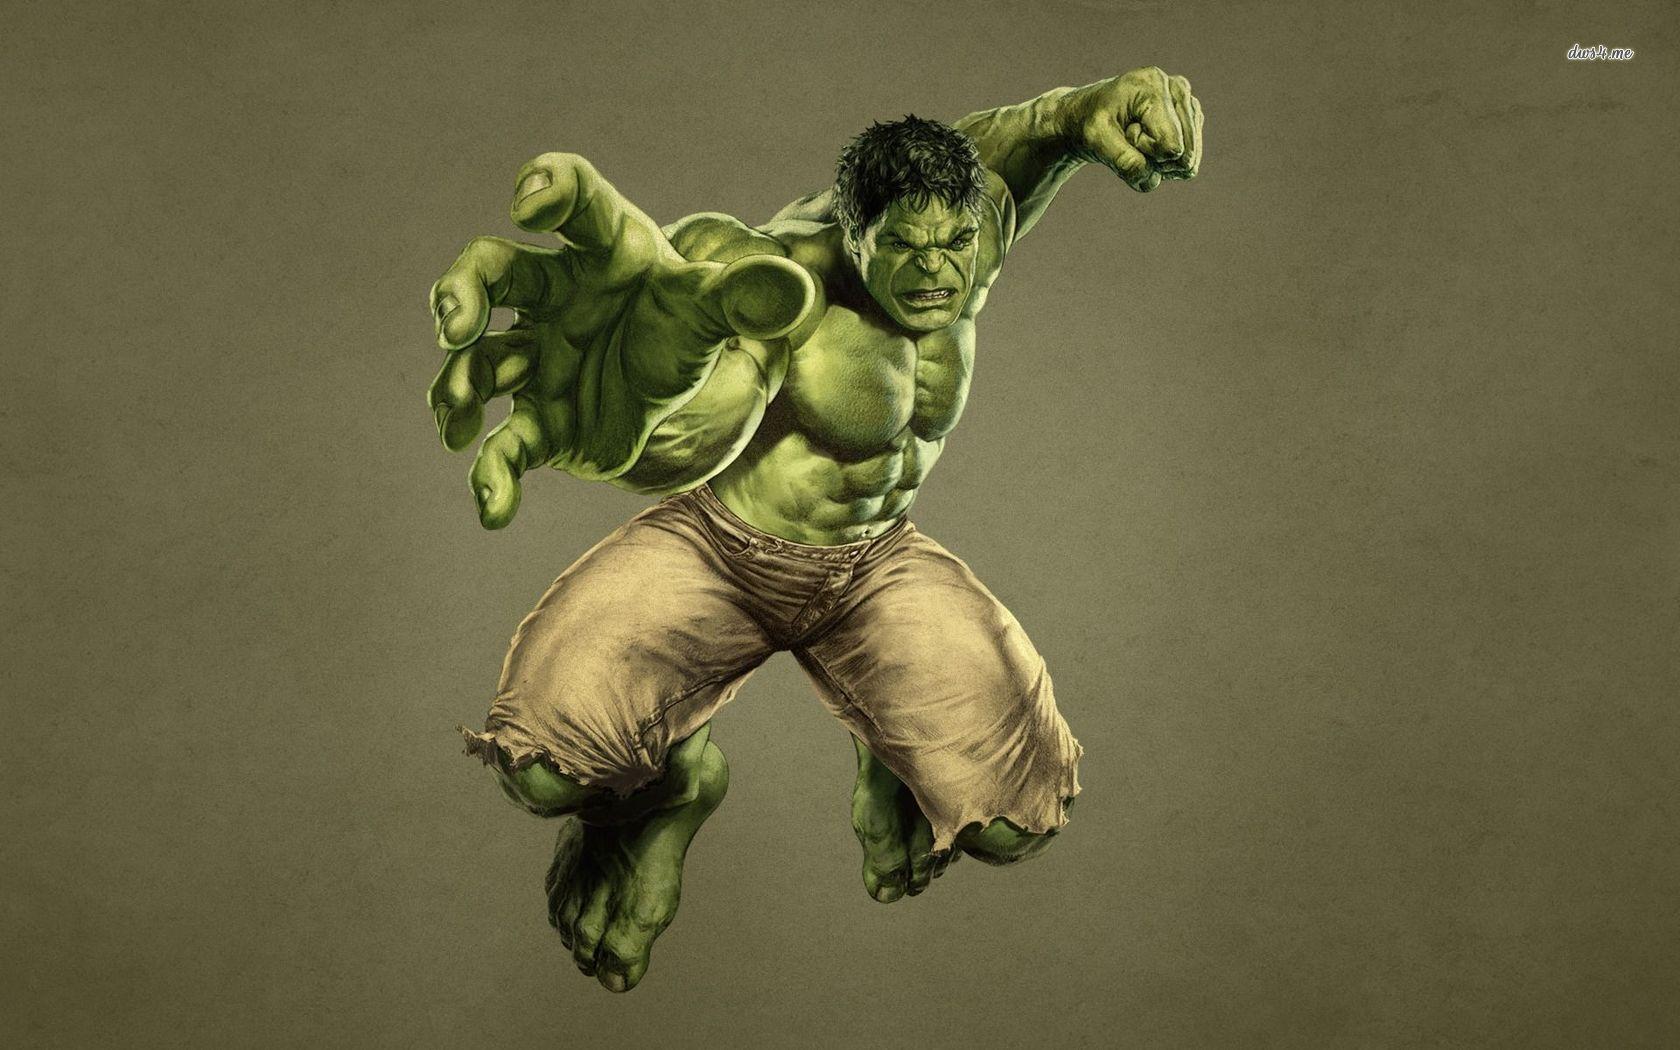 incredible hulk wallpaper for desktop (23)